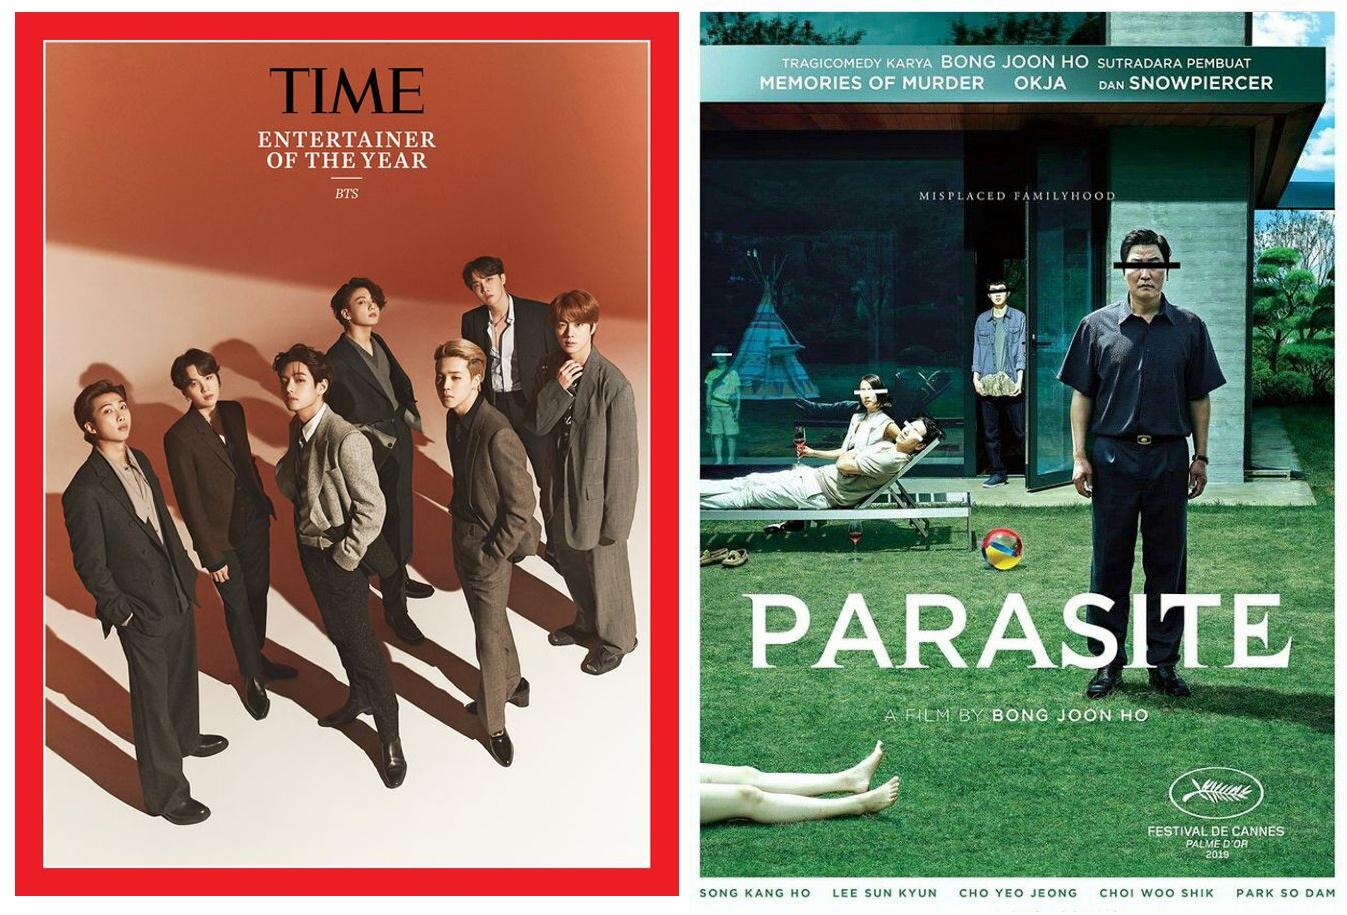 세계를 휩쓴 한국 아이돌 그룹 'BTS(좌)'와 영화 '기생충(우)'